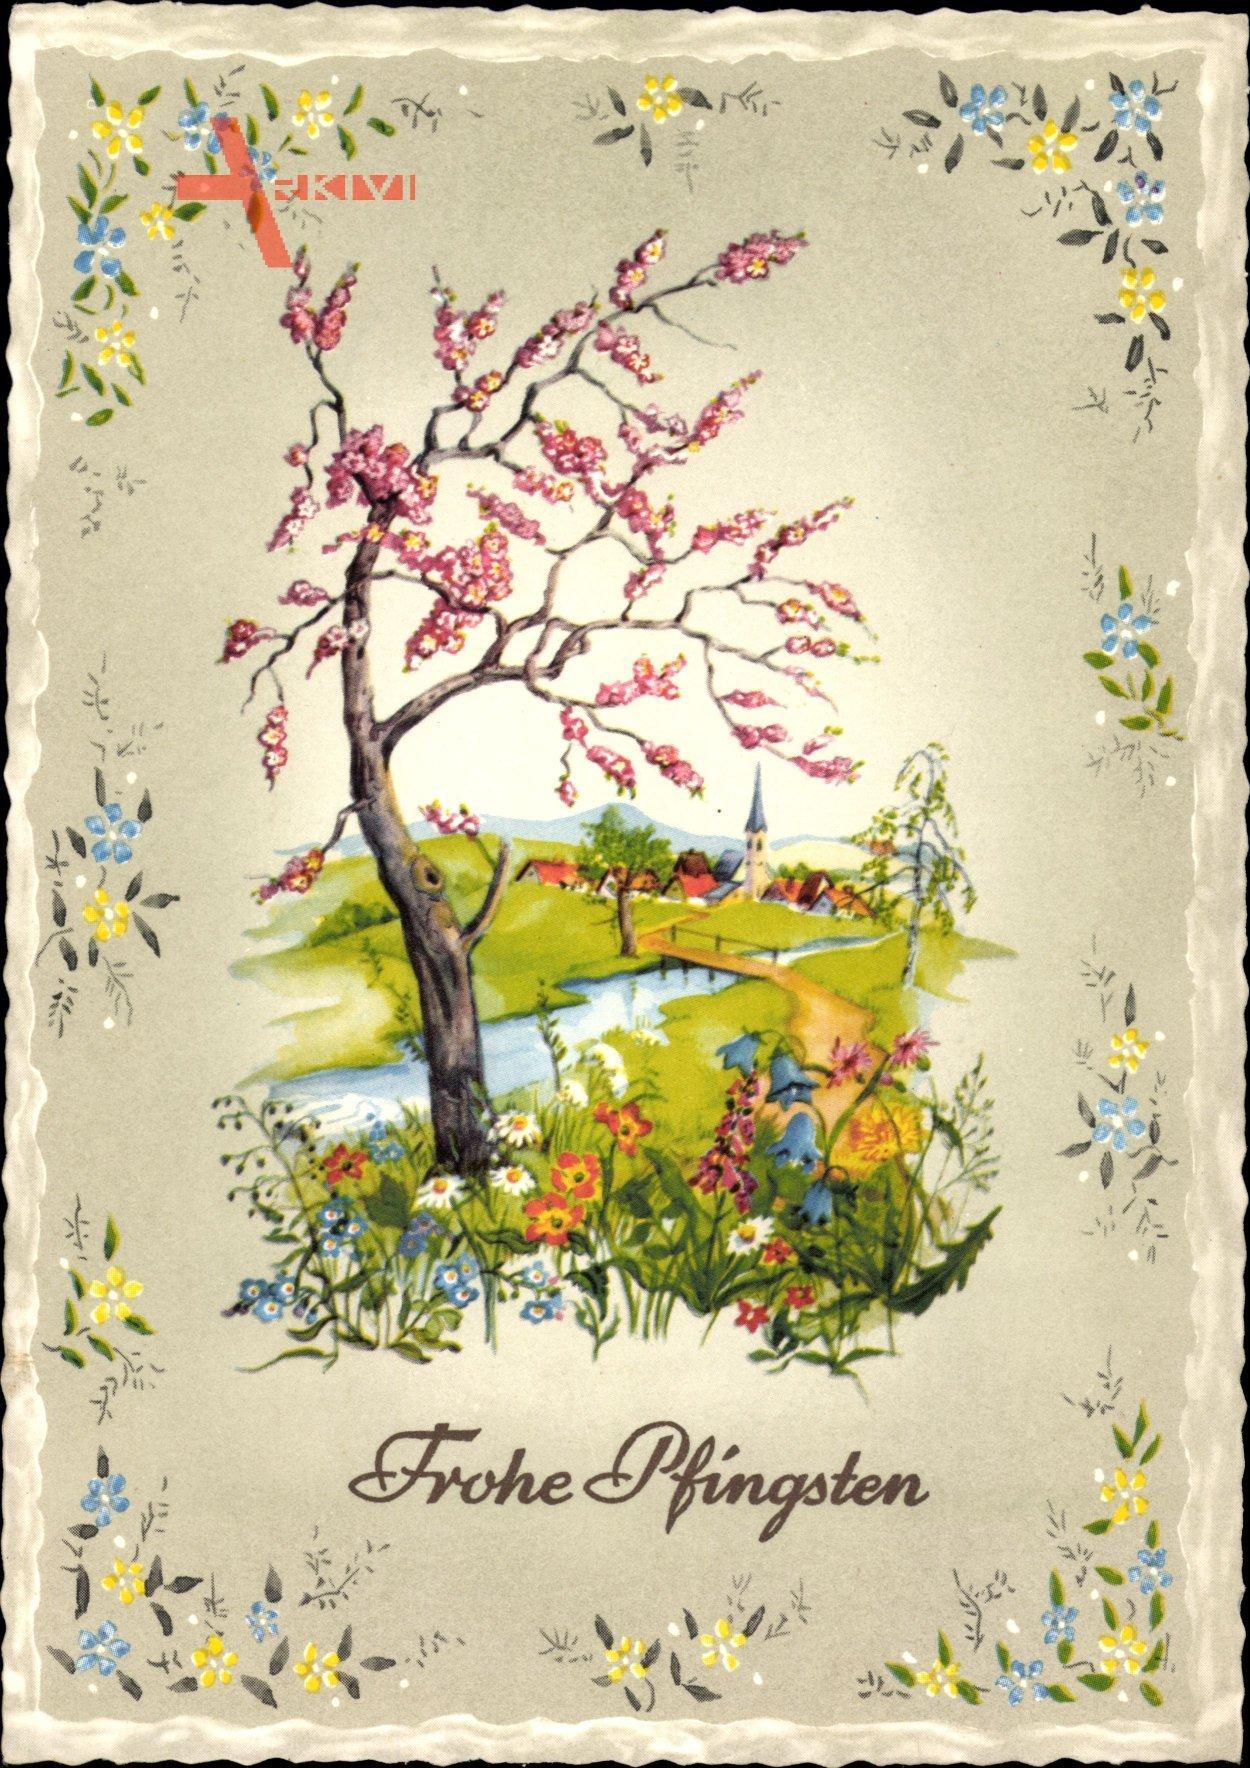 Glückwunsch Pfingsten, Baum, Fluss, Blumenfeld, Kirchturm